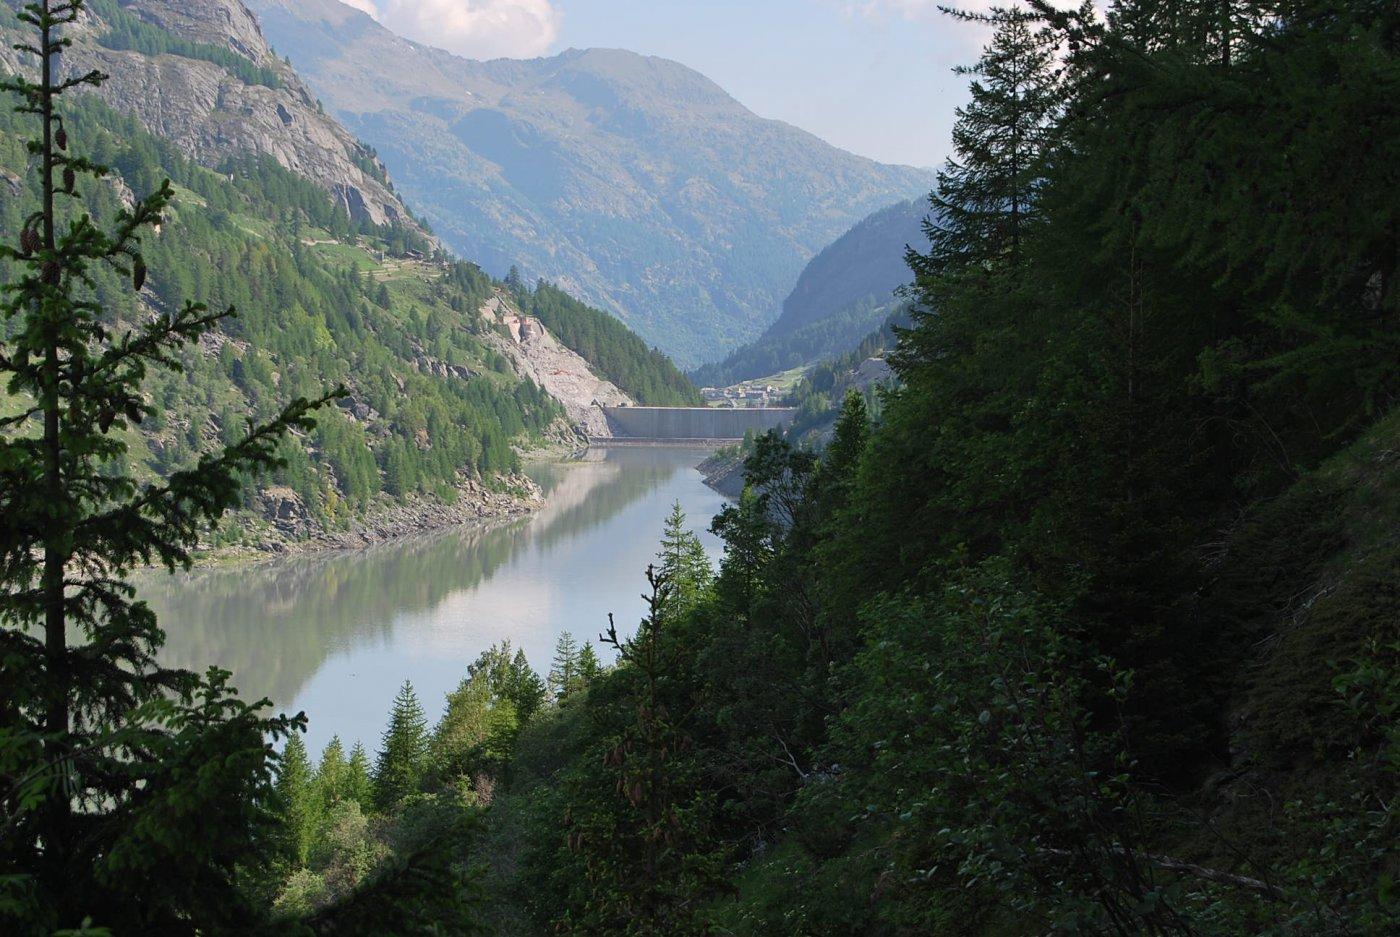 Il lago con la diga ribassata